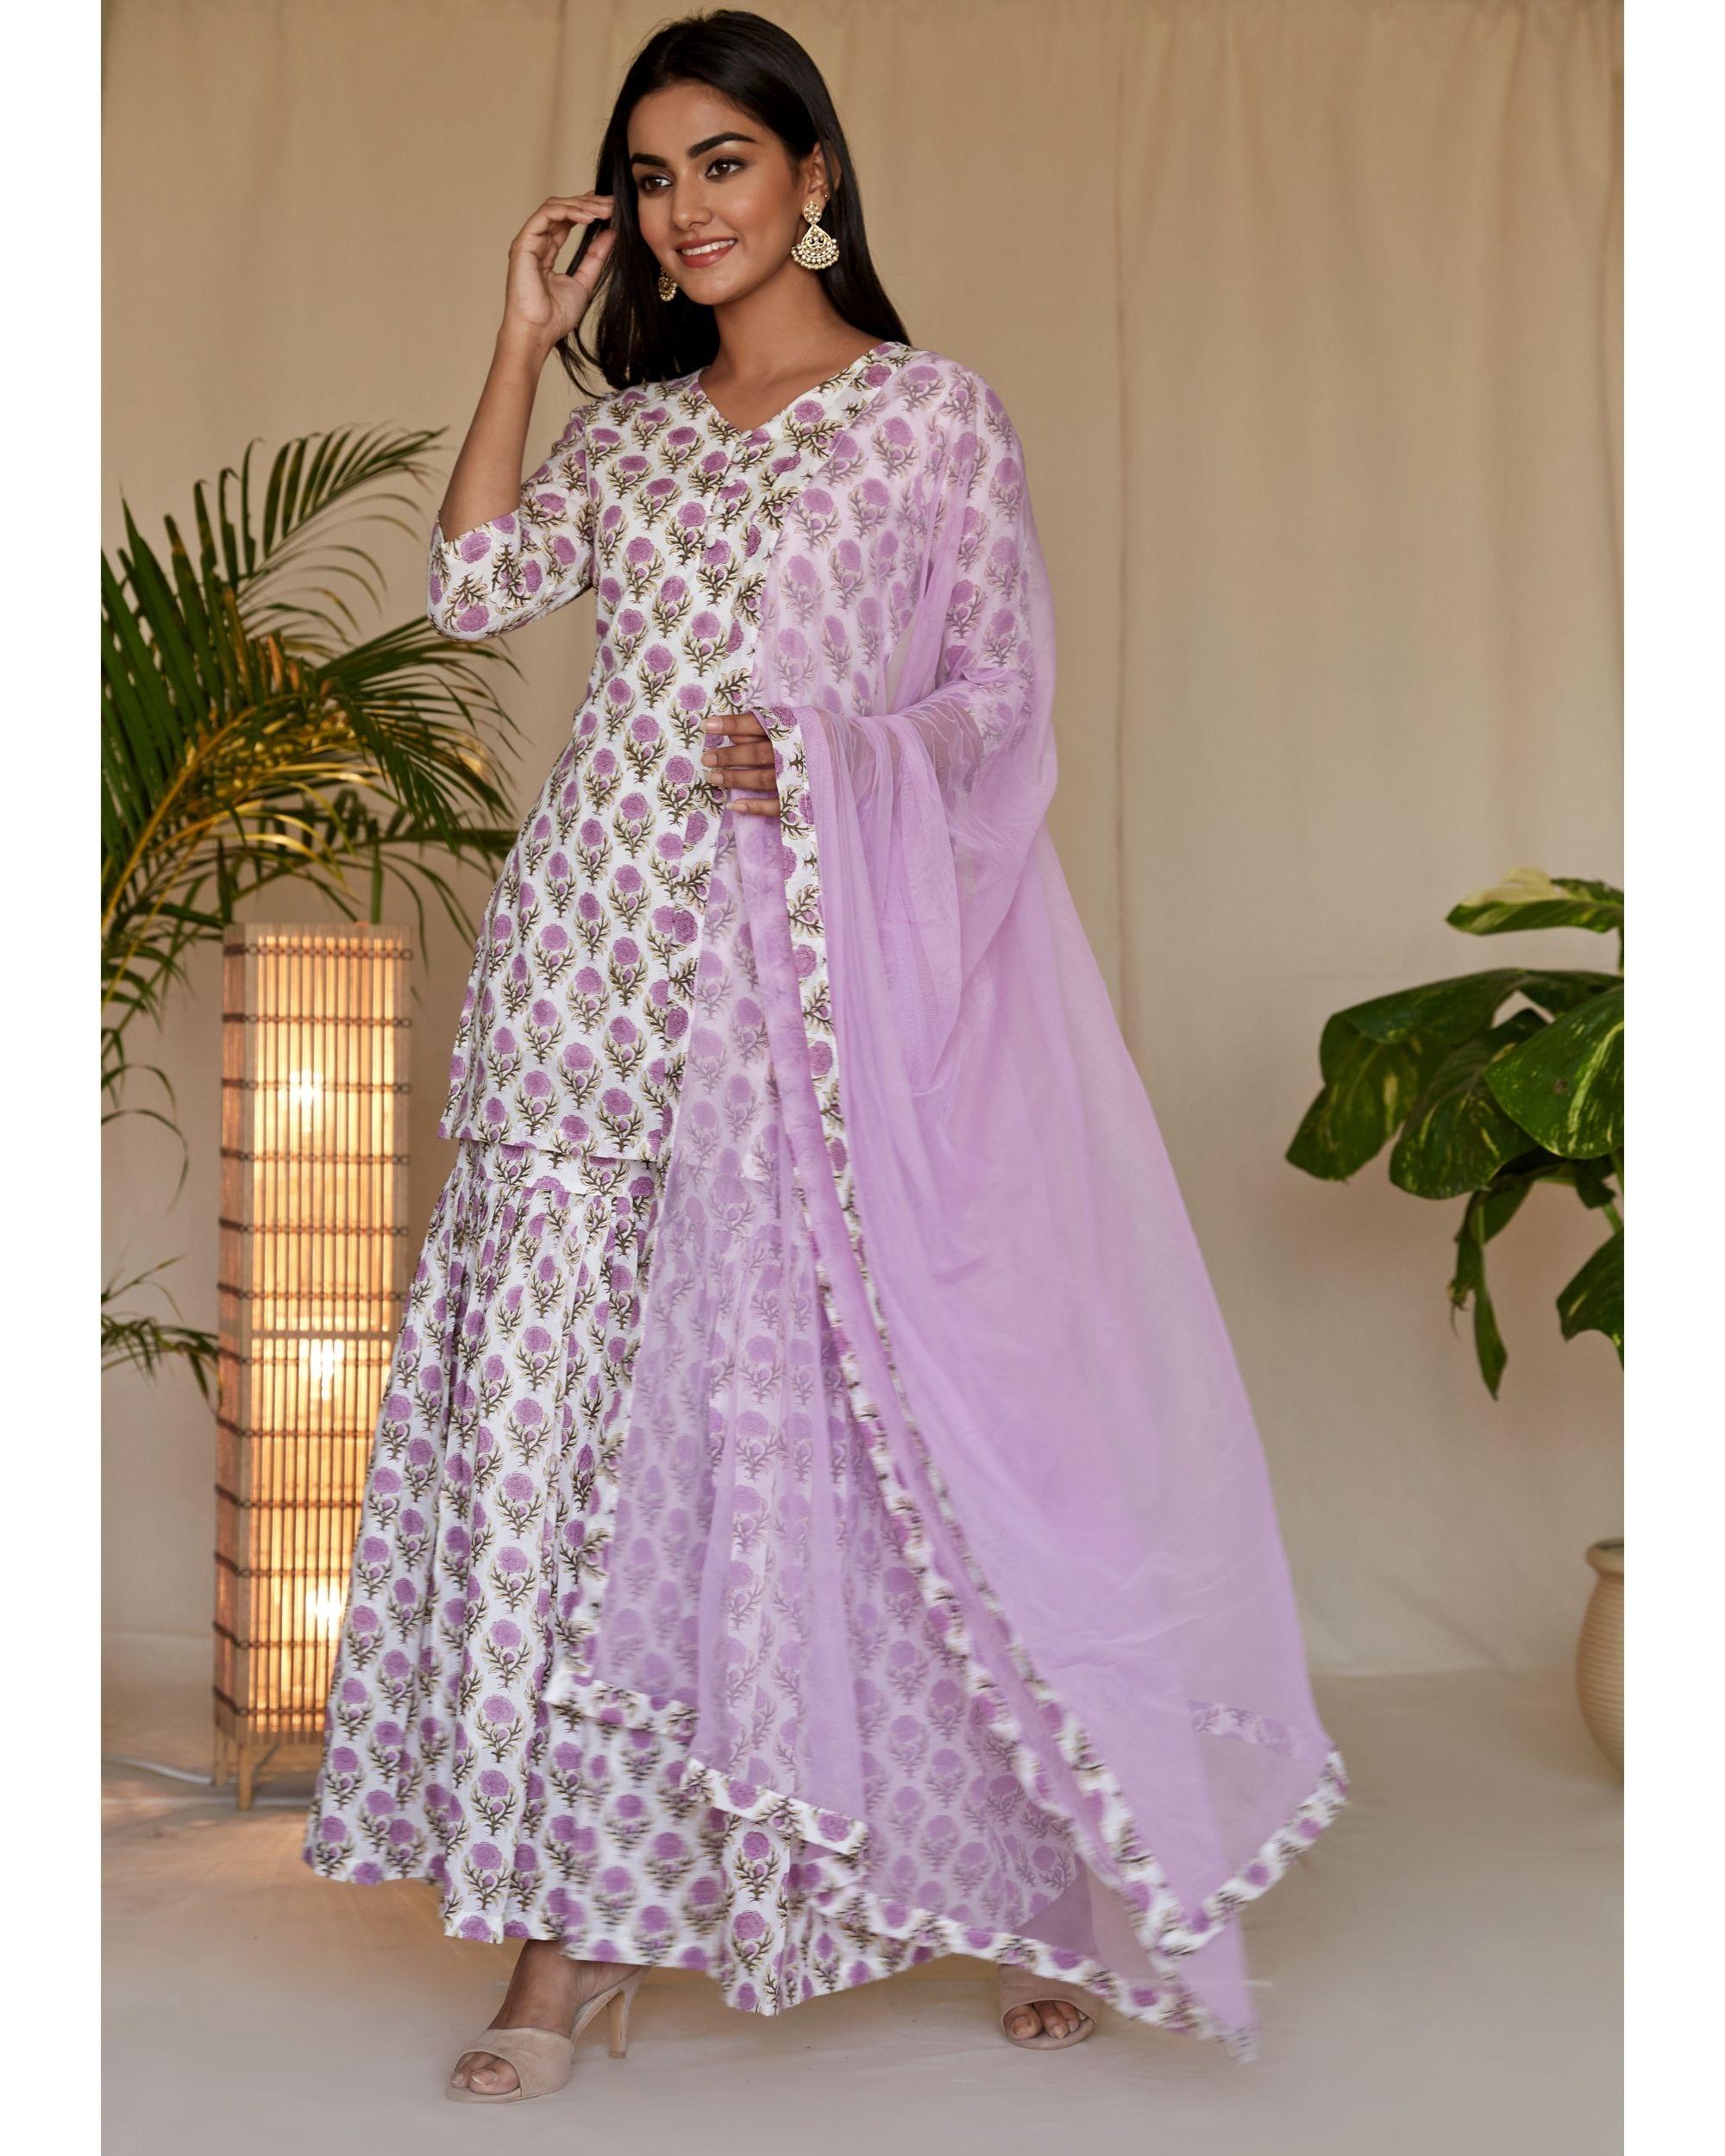 Lilac floral block printed kurta and sharara with dupatta - Set Of Three